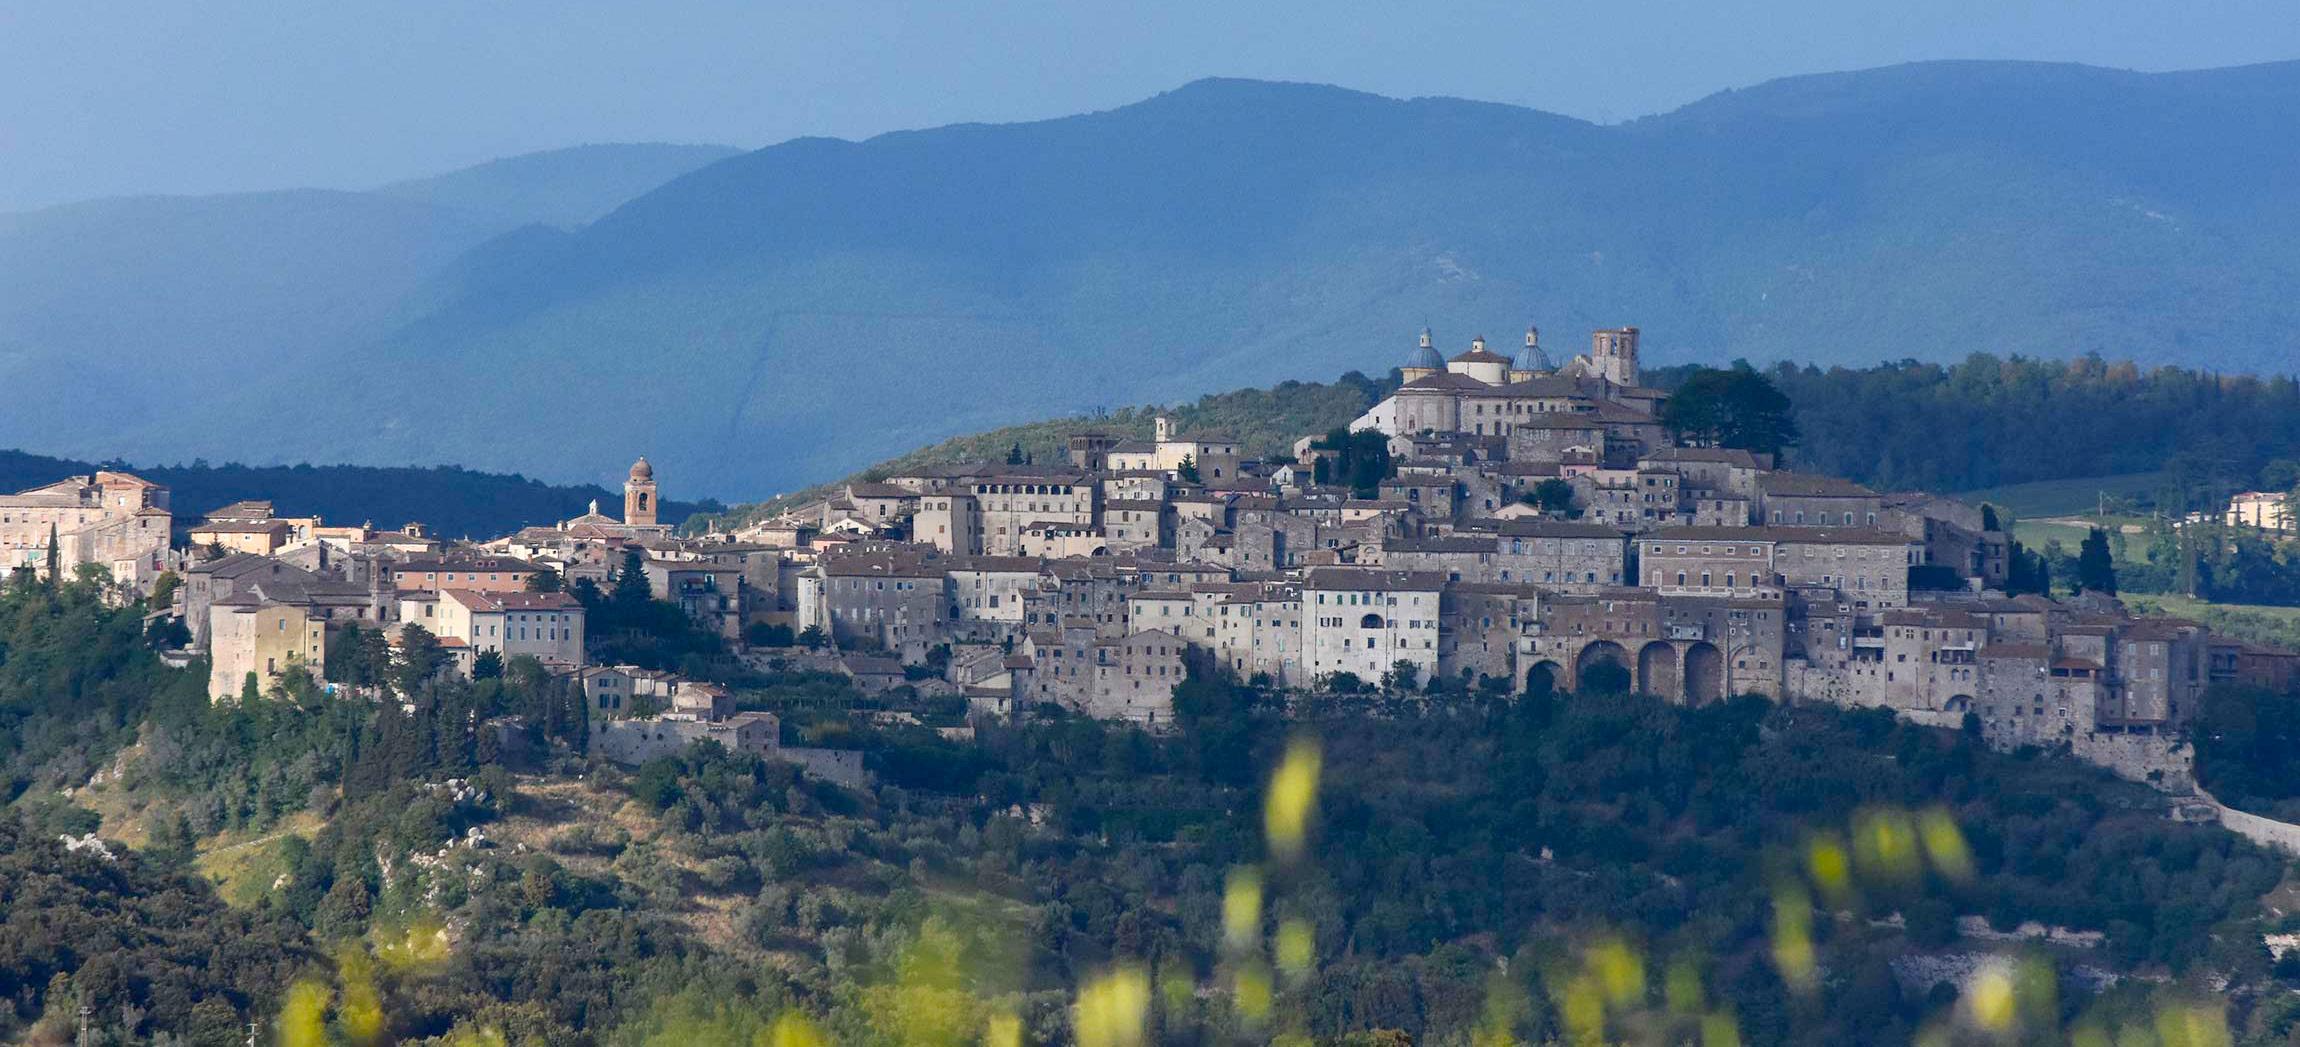 Percorsi_trekking_umbria_sud